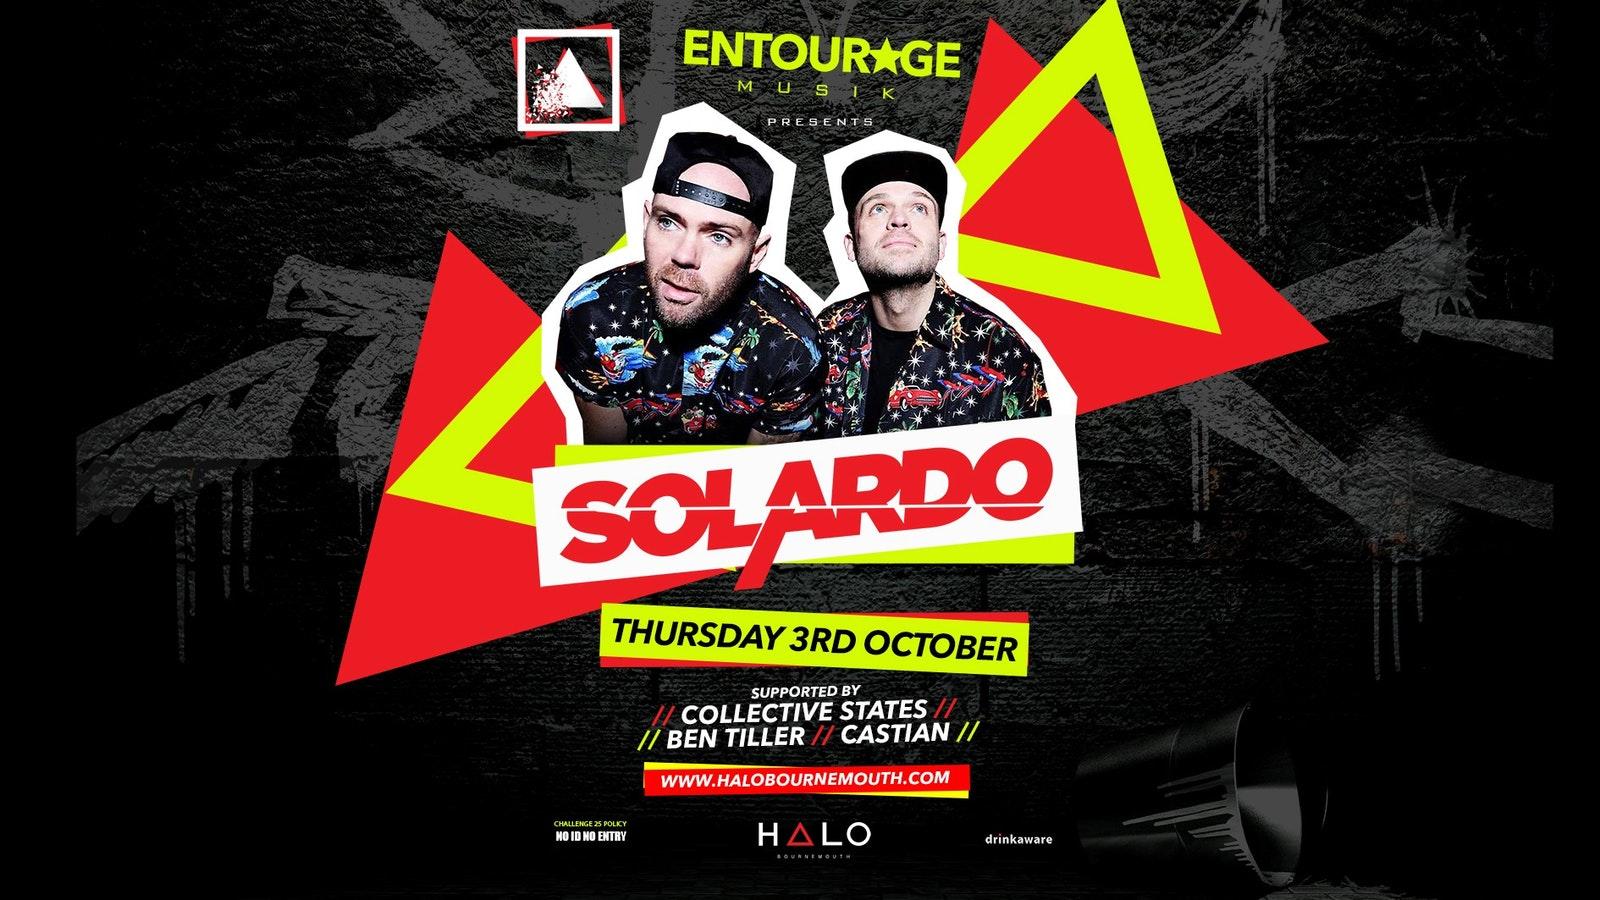 Entourage & Halo Sessions Present: Solardo